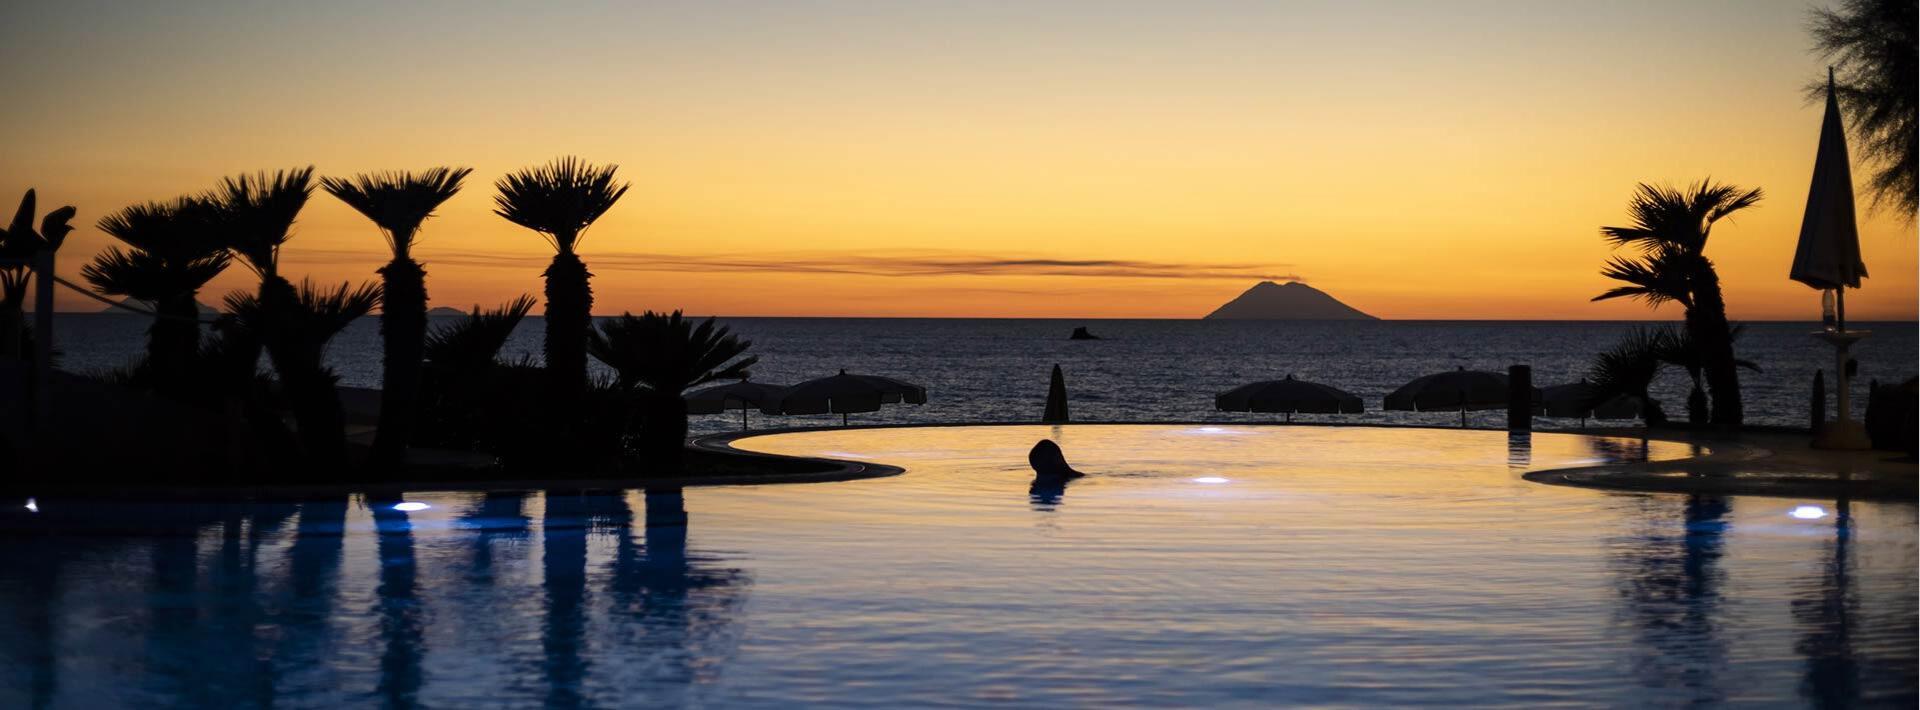 villaggioilgabbiano fr resort-avec-piscine-capo-vaticano 011